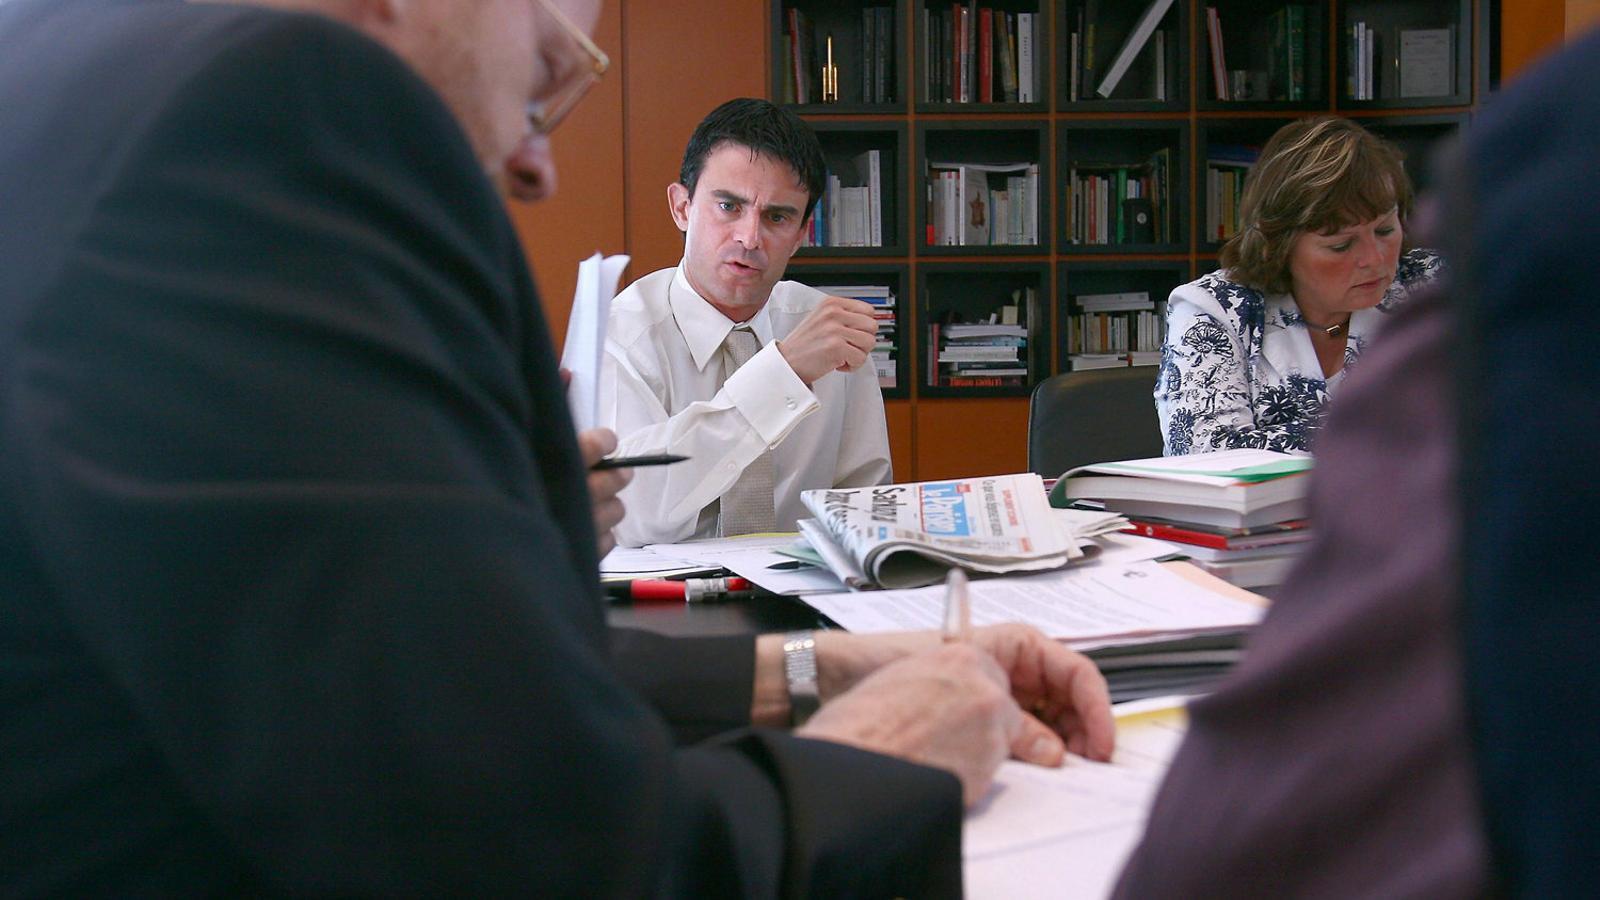 Manuel Valls en una imatge d'arxiu durant el seu mandat com a alcalde d'Evry, el 2007.